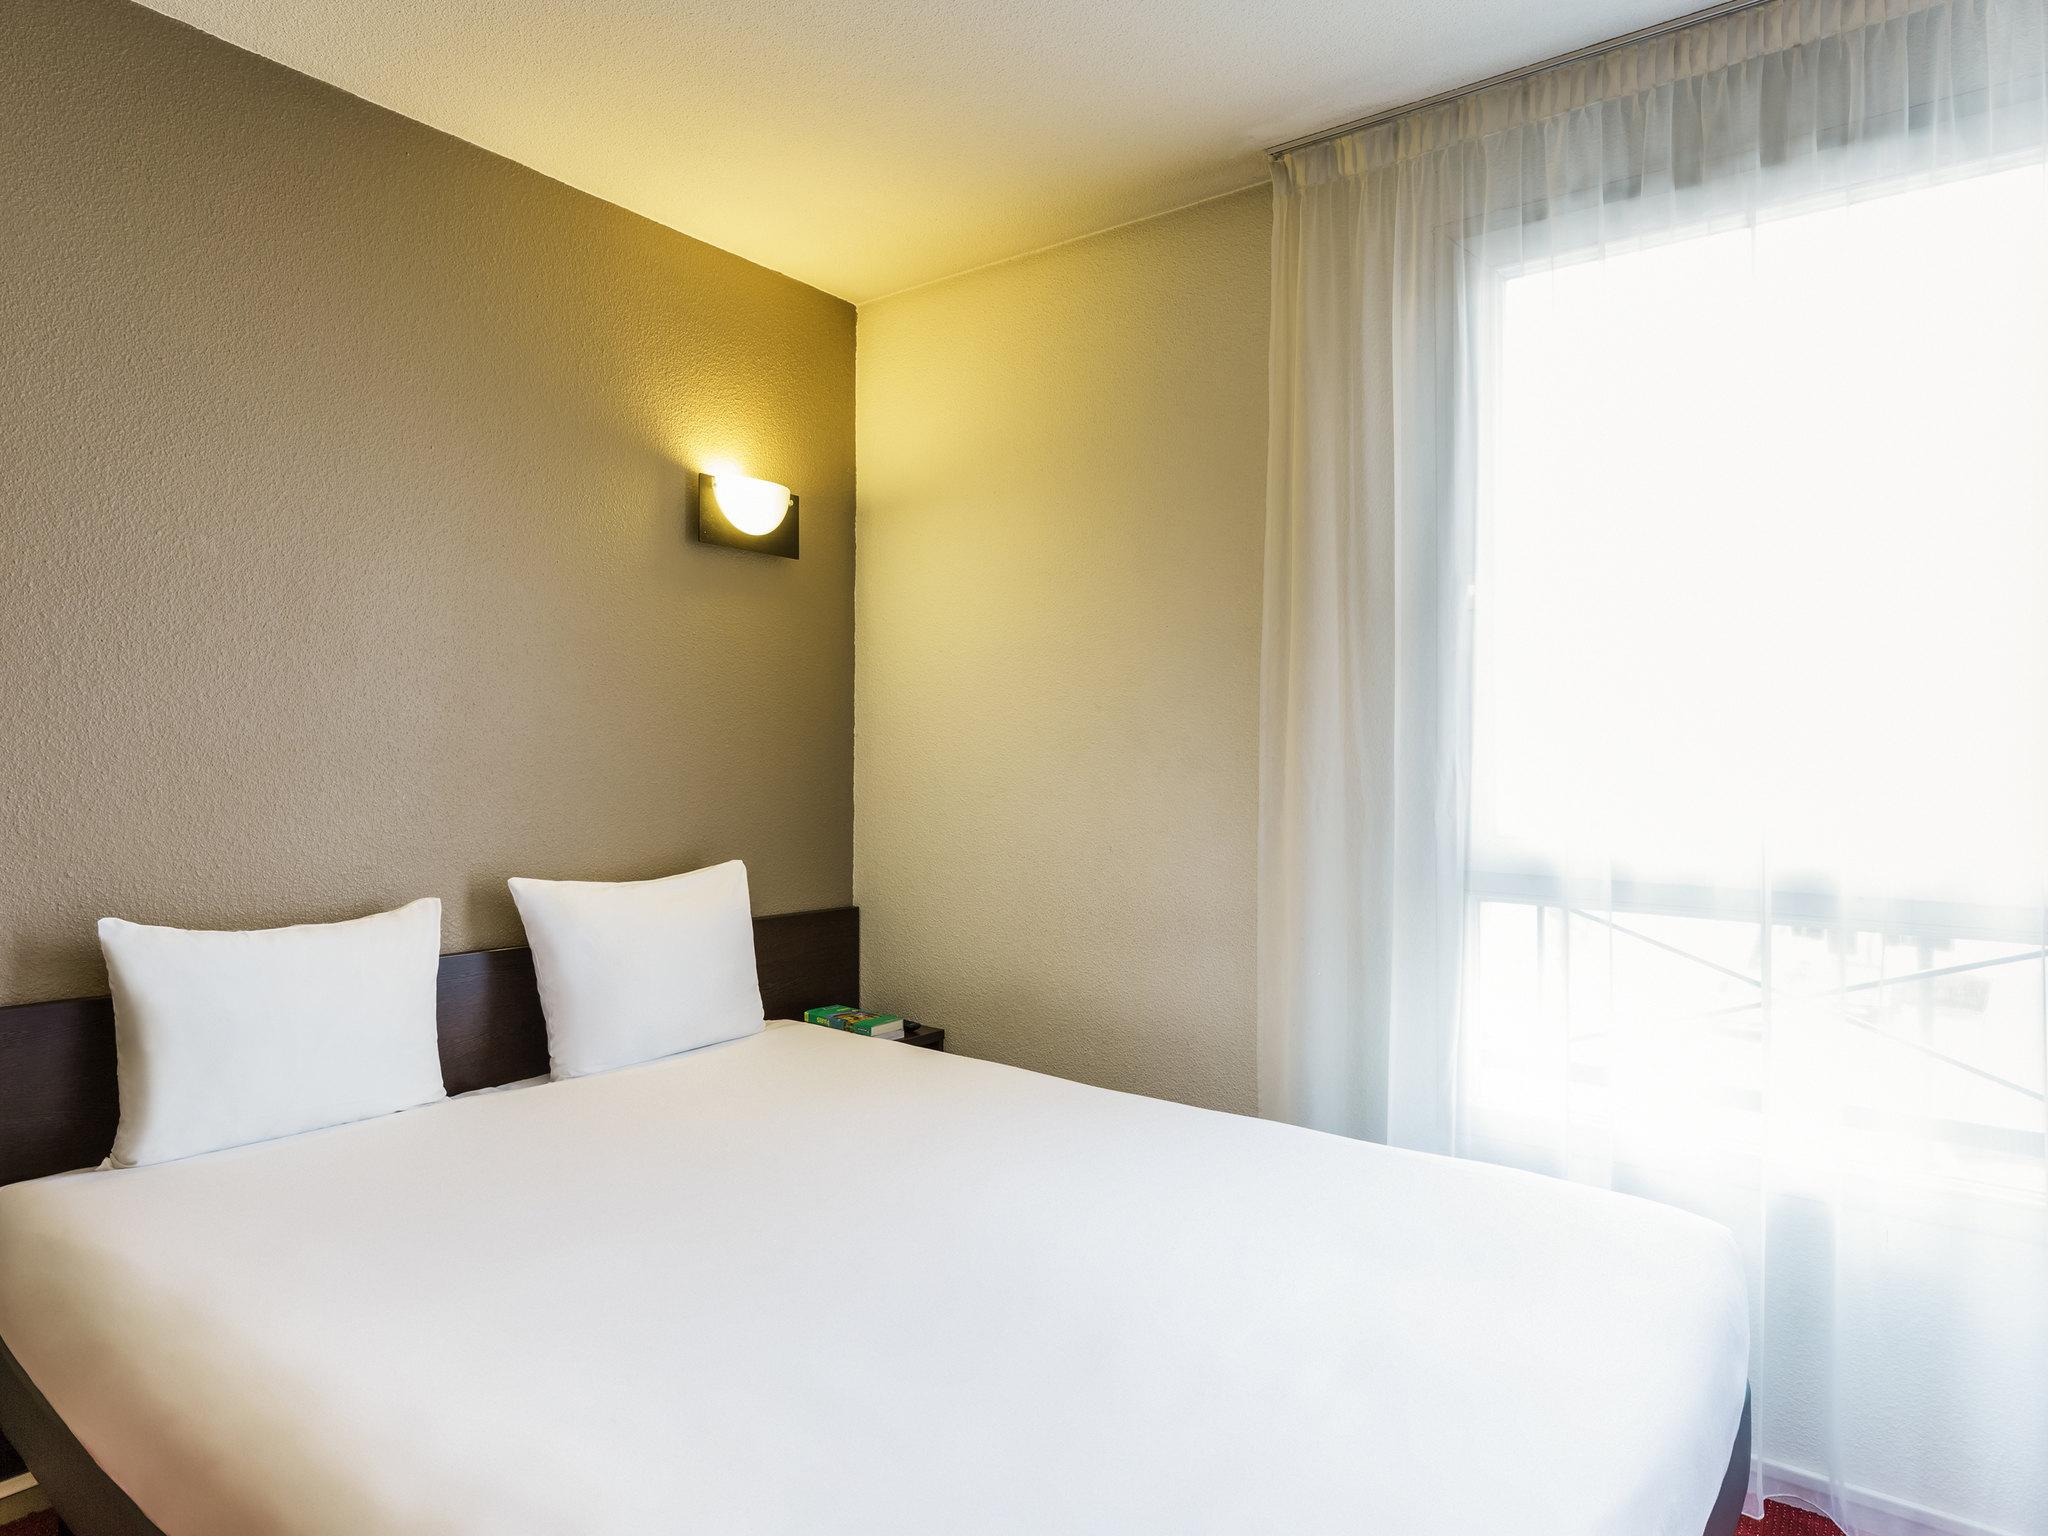 ホテル – アパートホテル アダジオ アクセス ヴァンヴ ポルト ド ヴェルサイユ